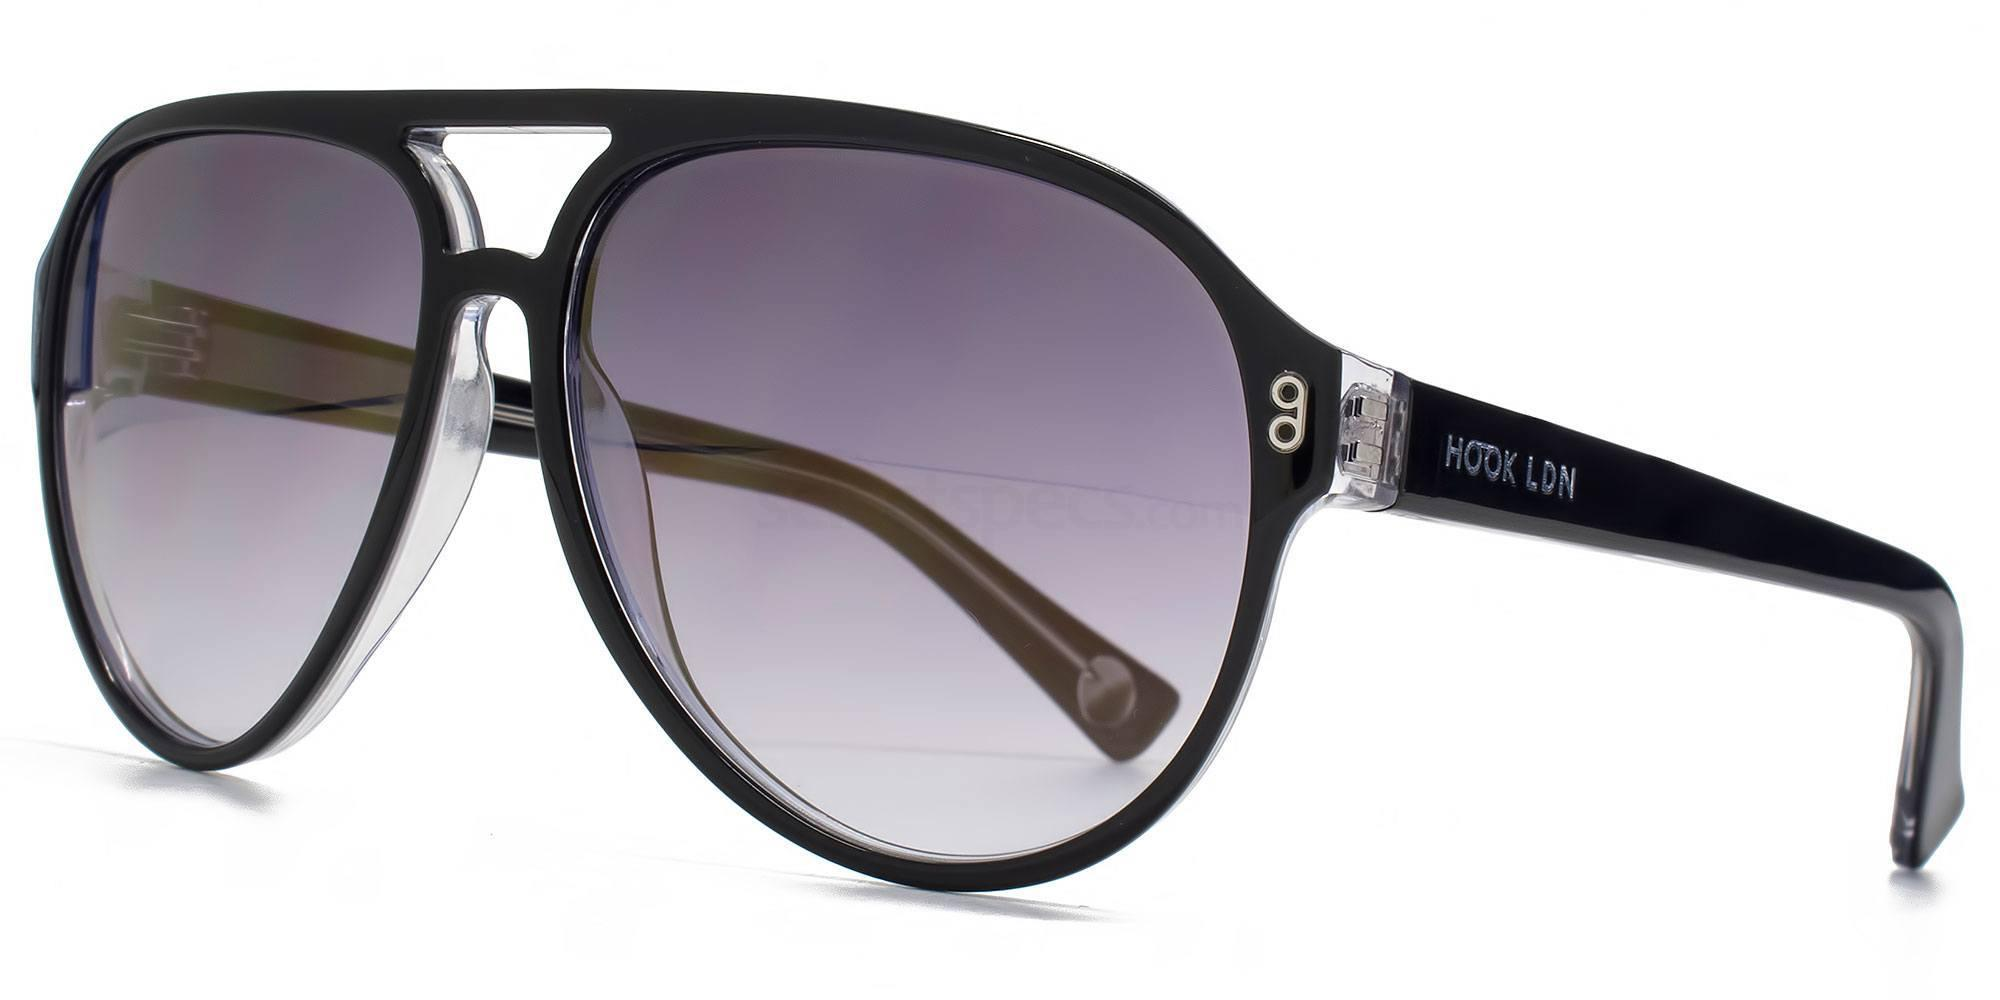 BLK HK008 - JUKE Sunglasses, Hook LDN